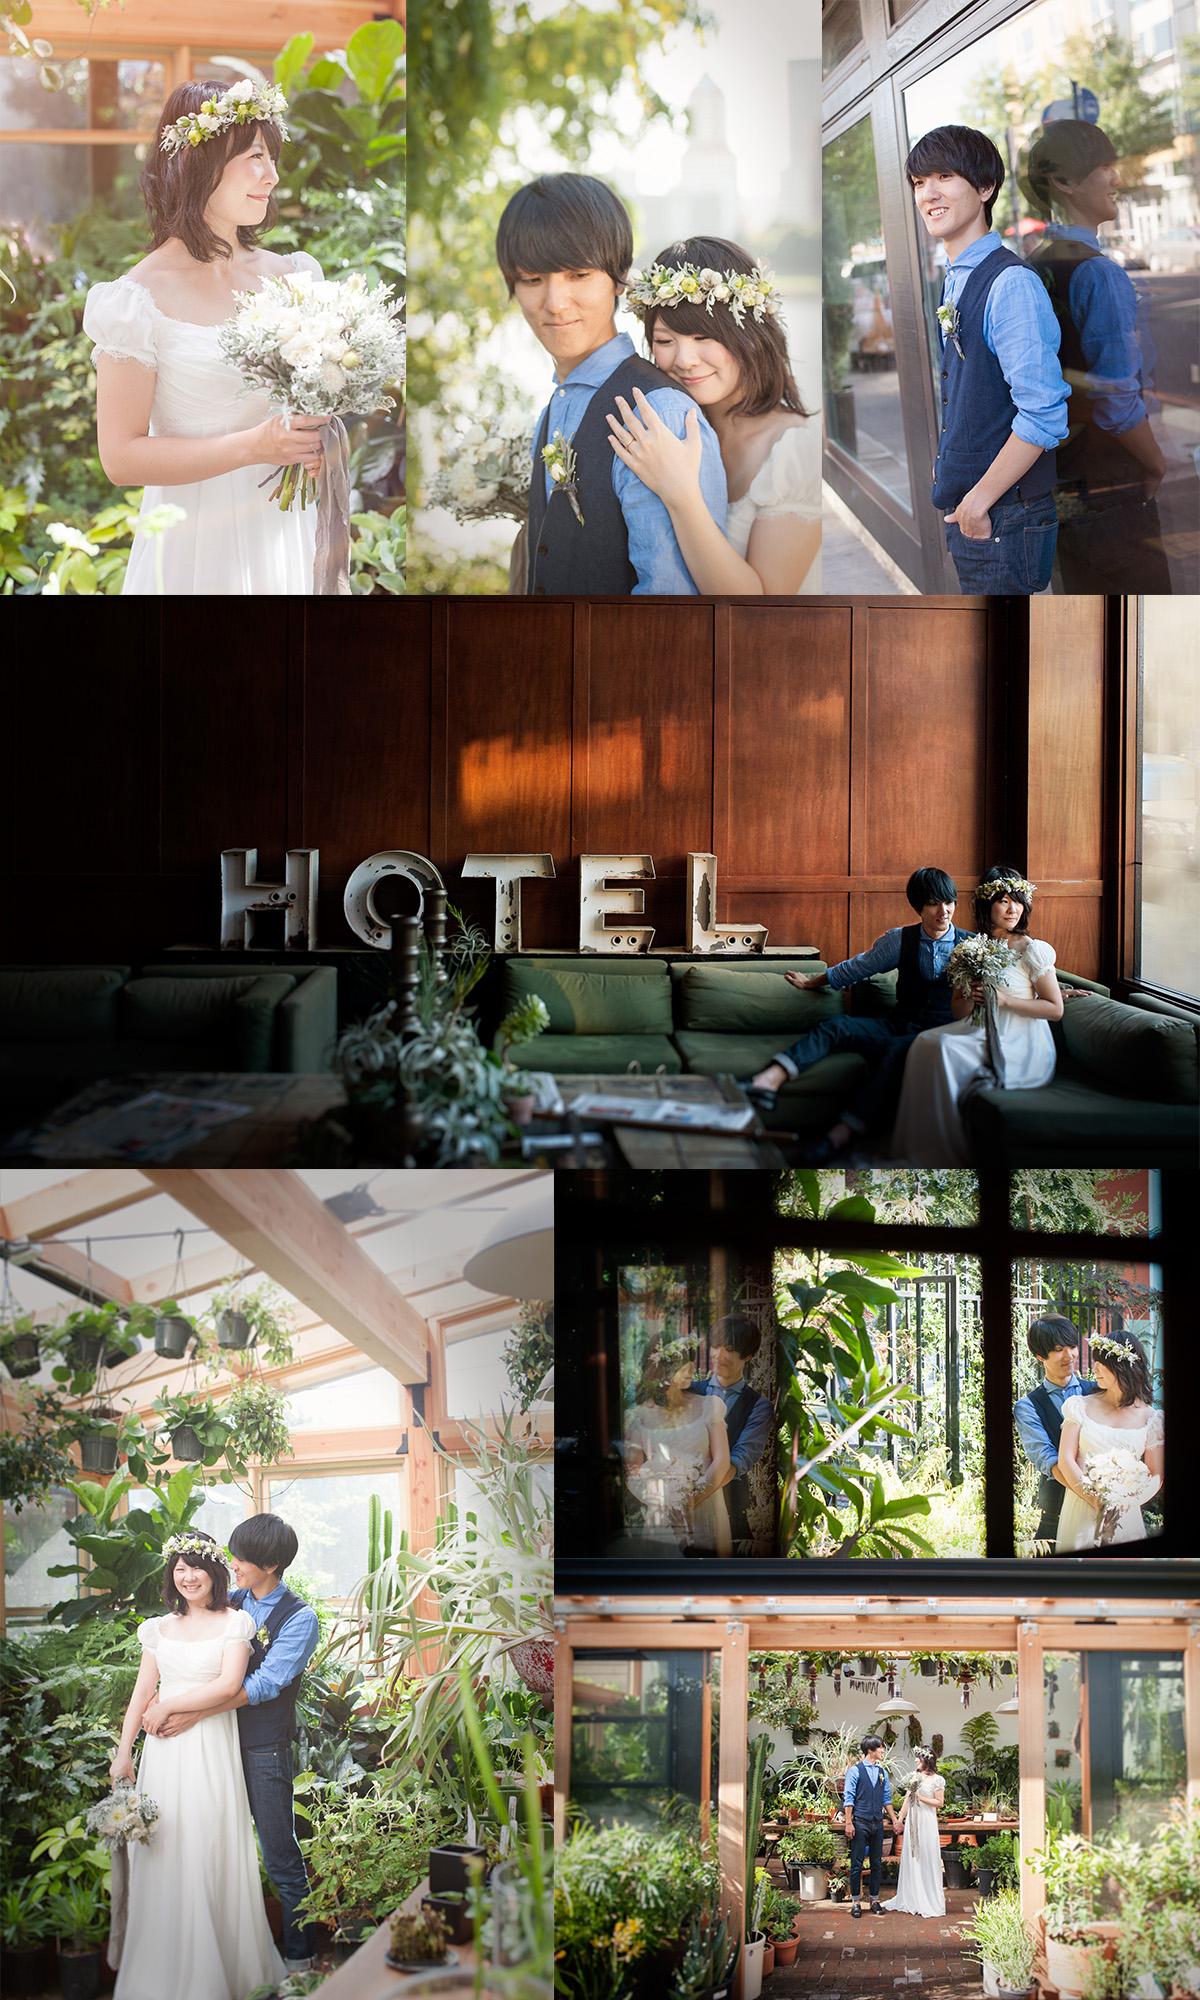 ポートランド ダウンタウン ウェディング 観光 エースホテル